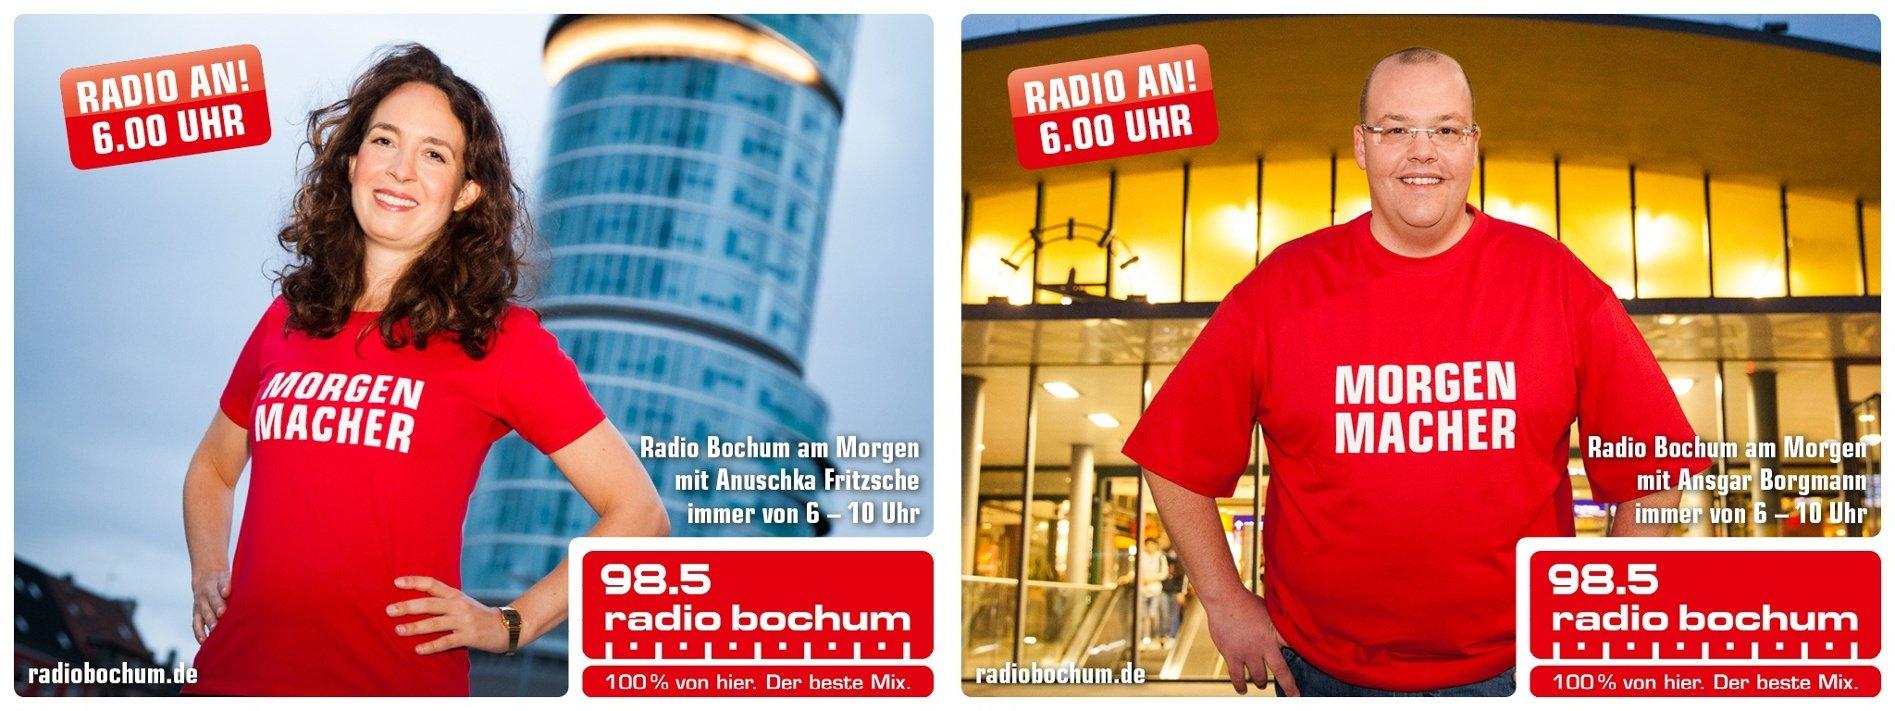 """Die """"Radio Bochum-Morgenmacher"""" präsentieren sich vor der Bochumer Stadtkulisse. Foto: Radio Bochum"""